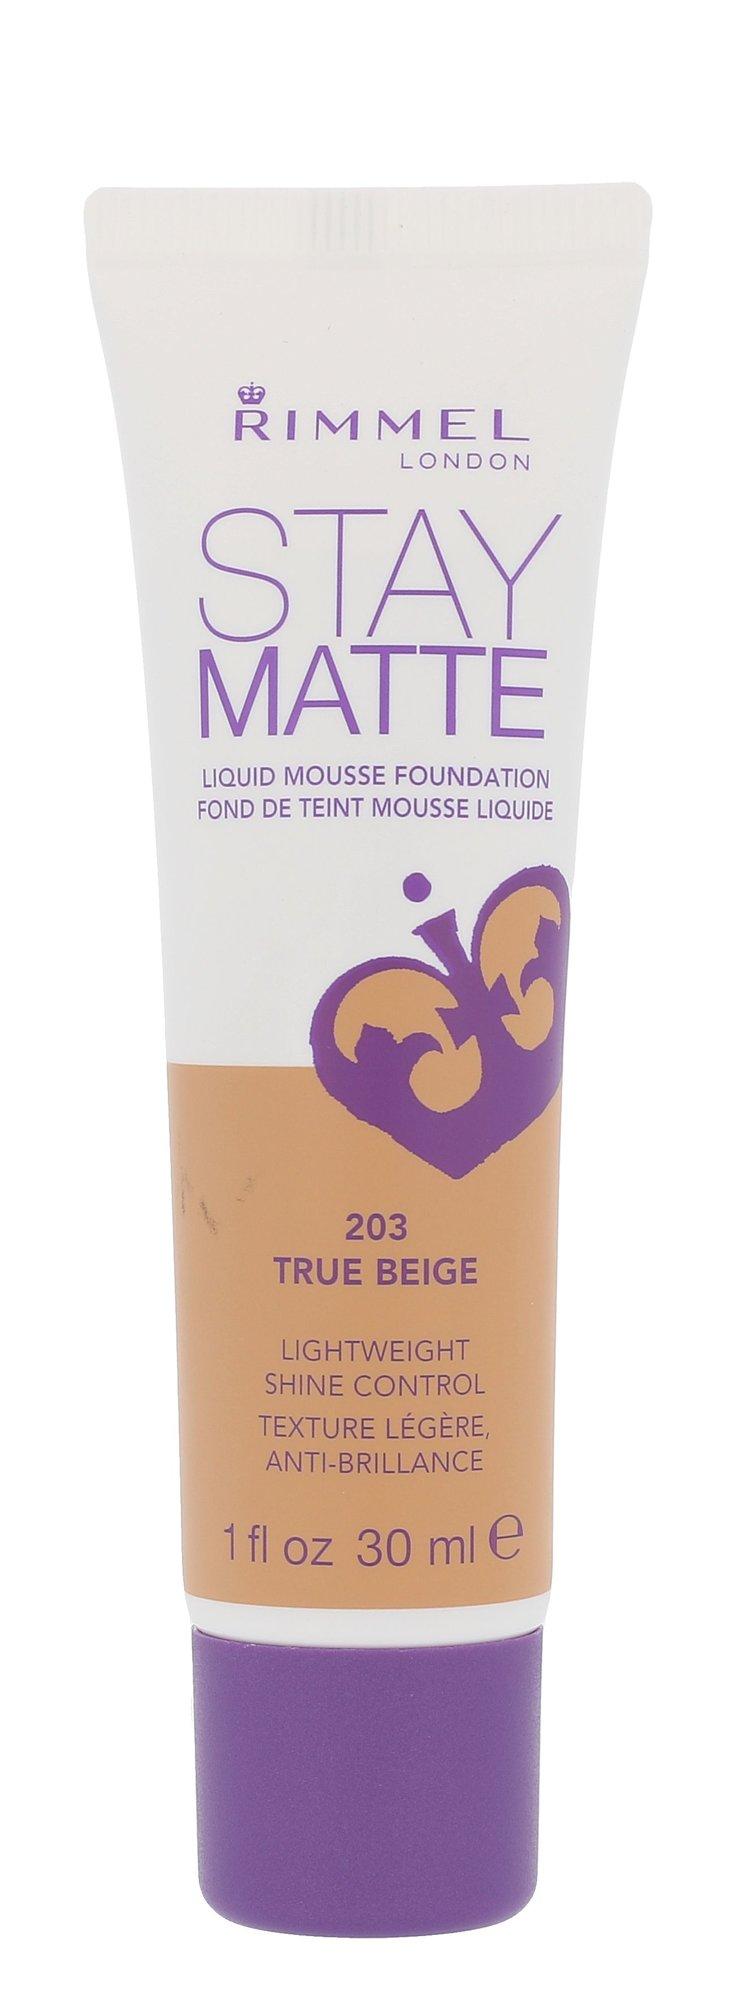 Rimmel London Stay Matte Cosmetic 30ml 203 True Beige